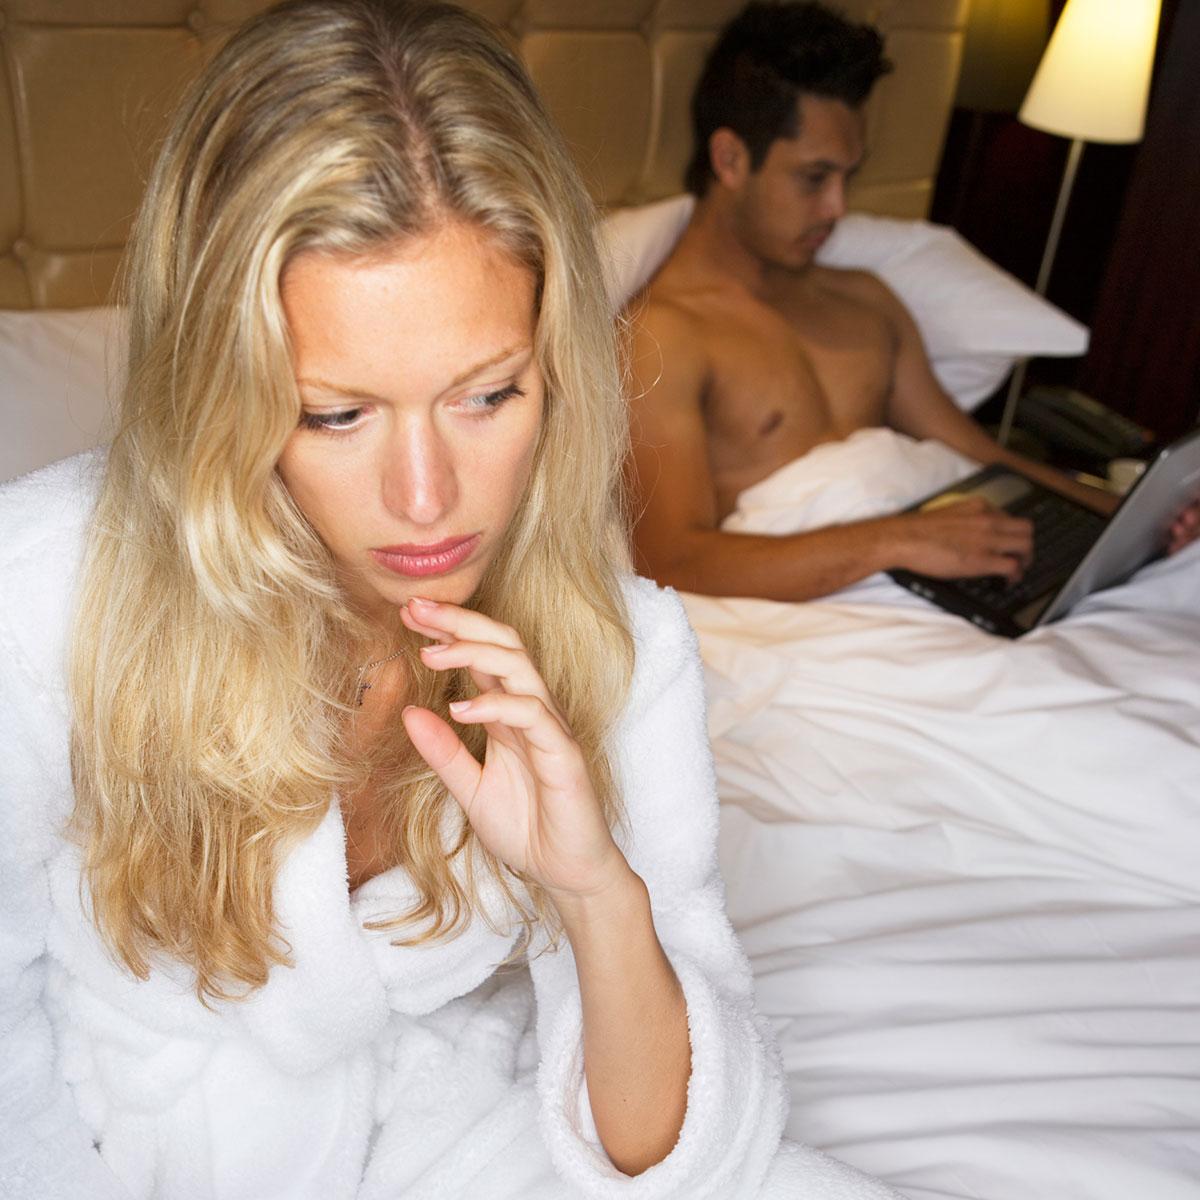 ραντεβού δυστυχισμένη παντρεμένη γυναίκα